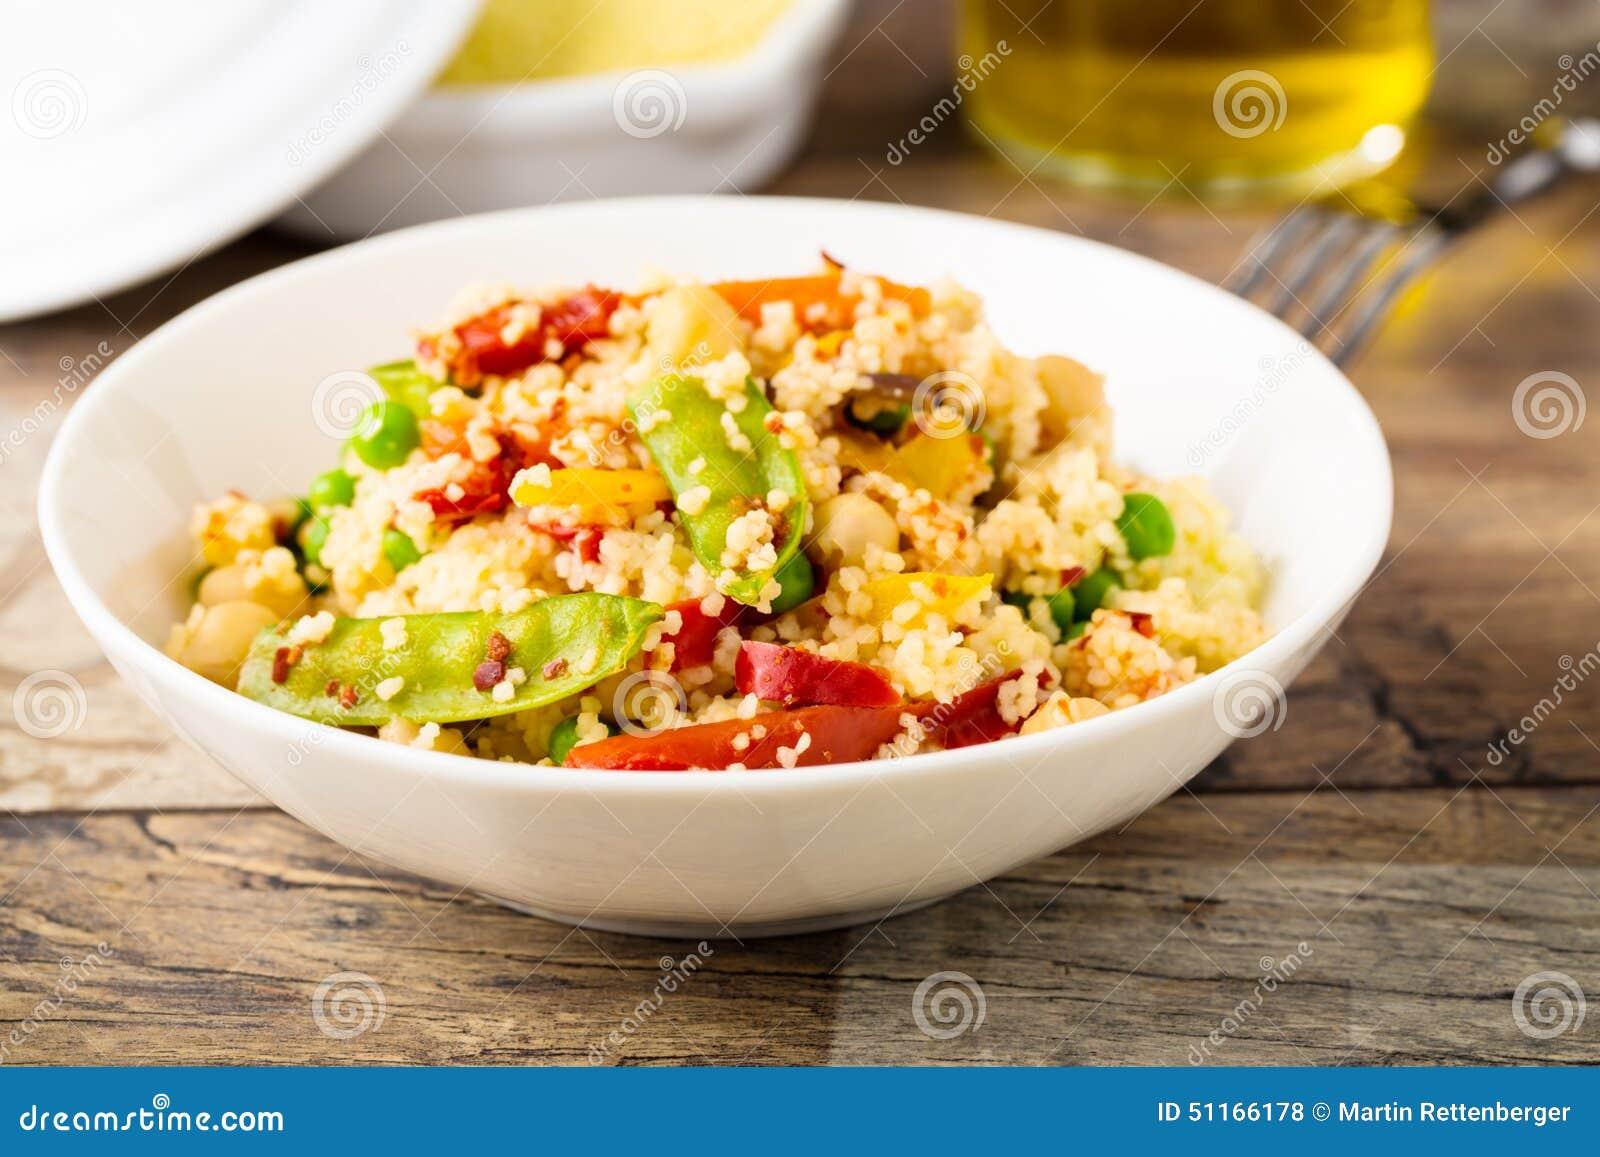 Cous cous con veggies